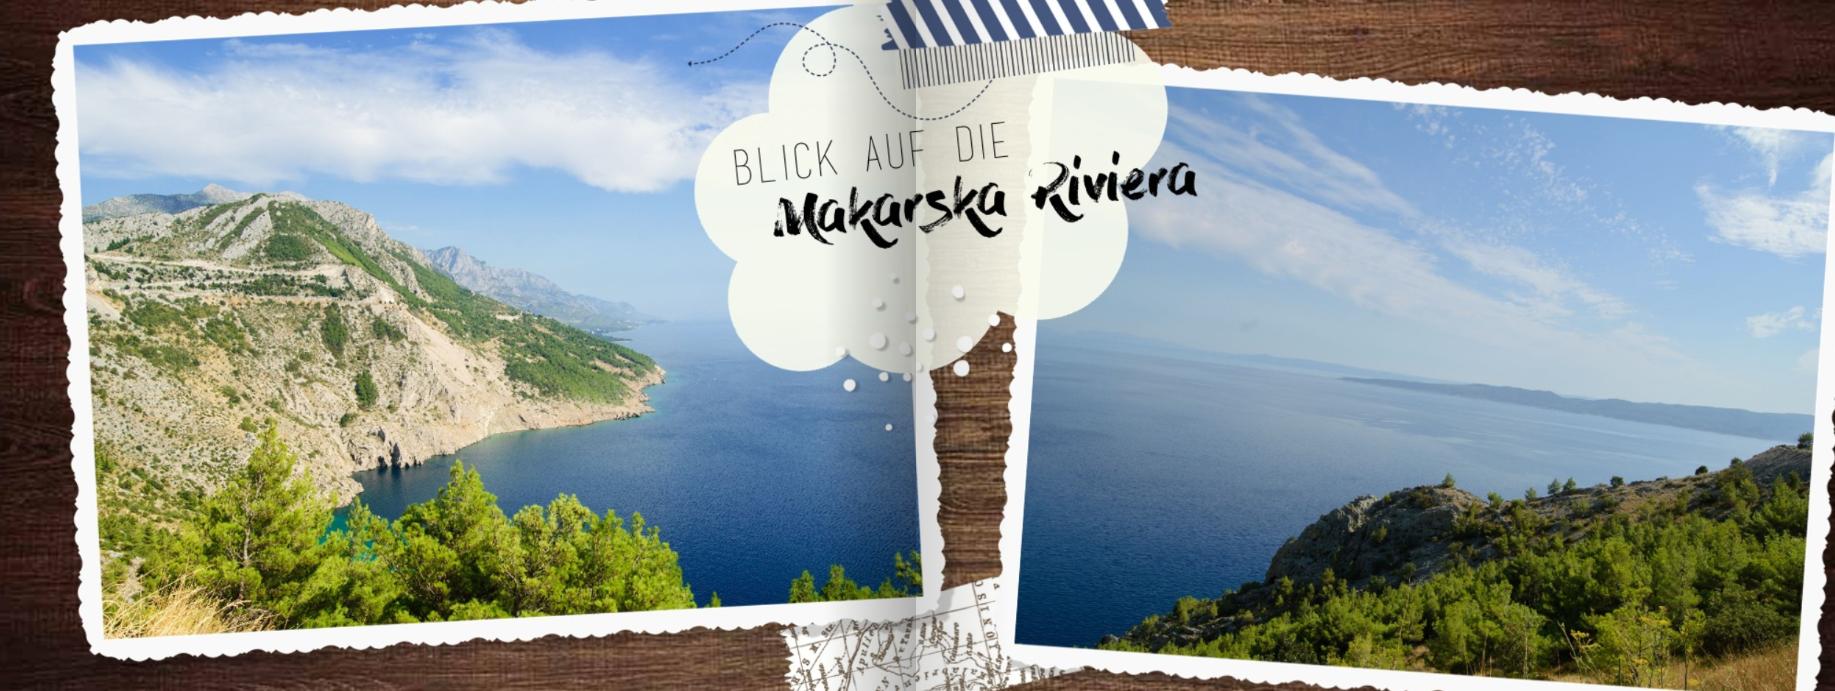 Hrvaška - Makarska - kliparti